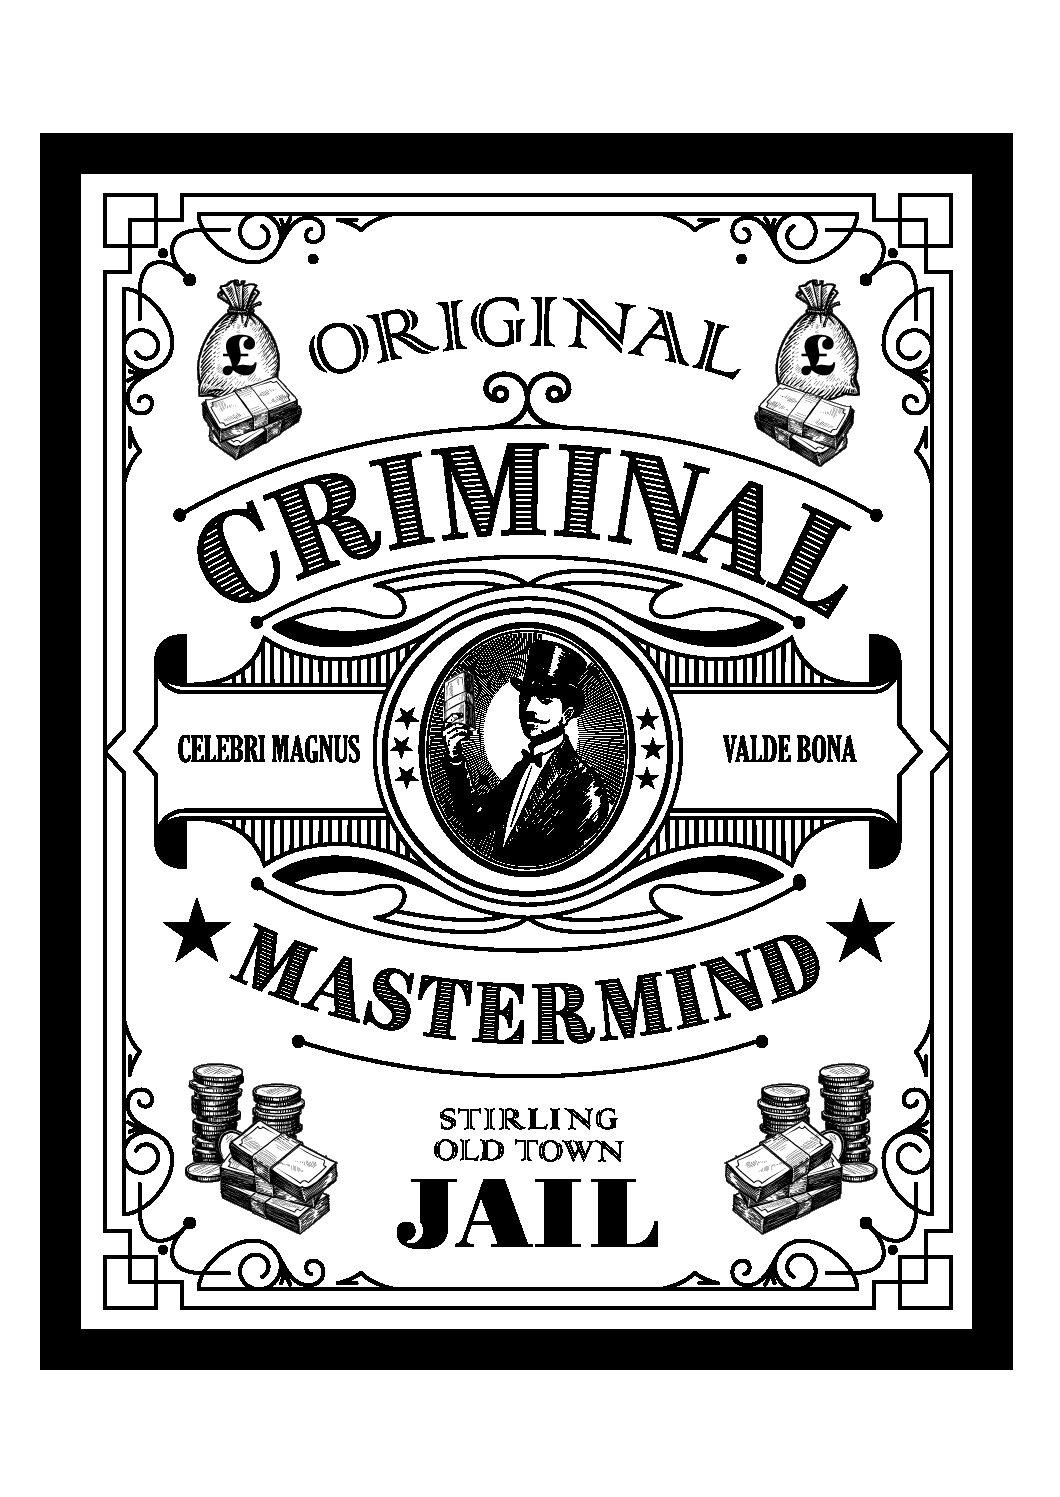 http://oldtownjail.co.uk/wp-content/uploads/2021/03/Criminal-Mastermind-Tee-pdf.jpg